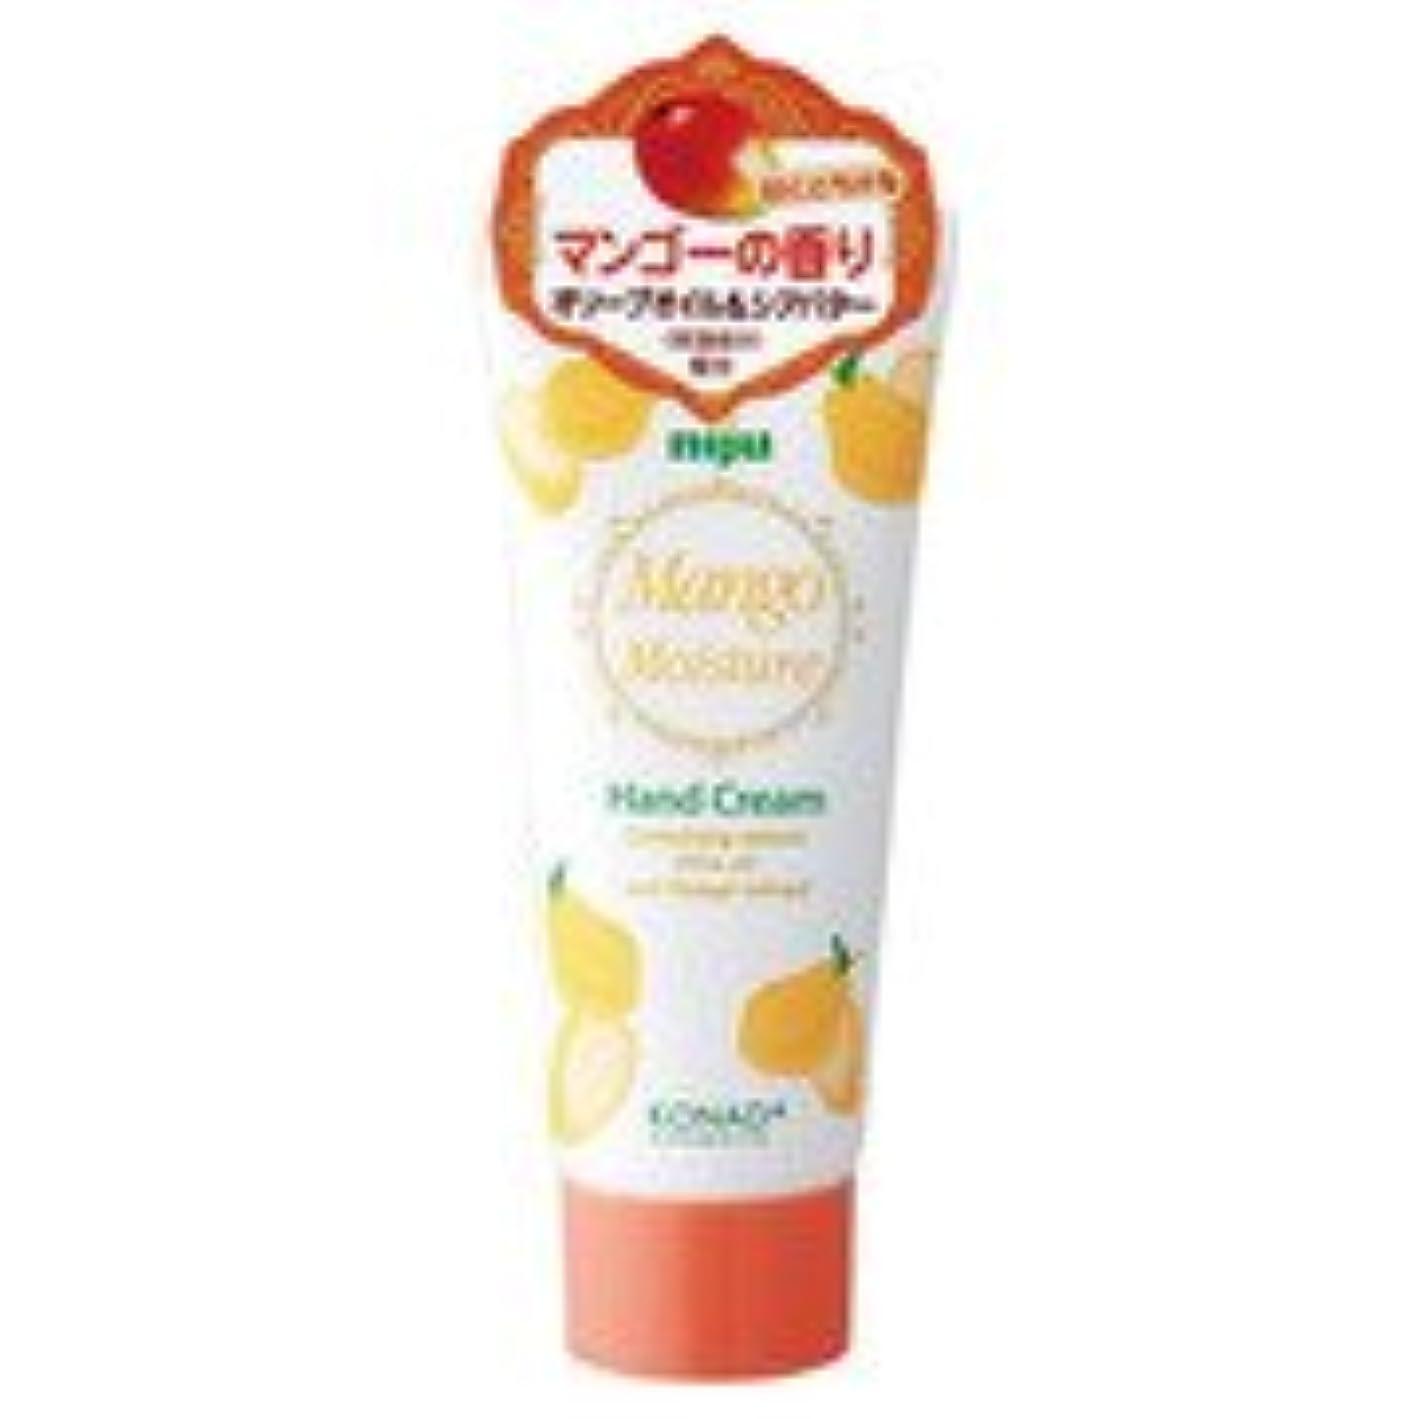 ハドル長さ人生を作るniju(ニジュウ) モイスチャーハンドクリーム マンゴーの香り 60ml